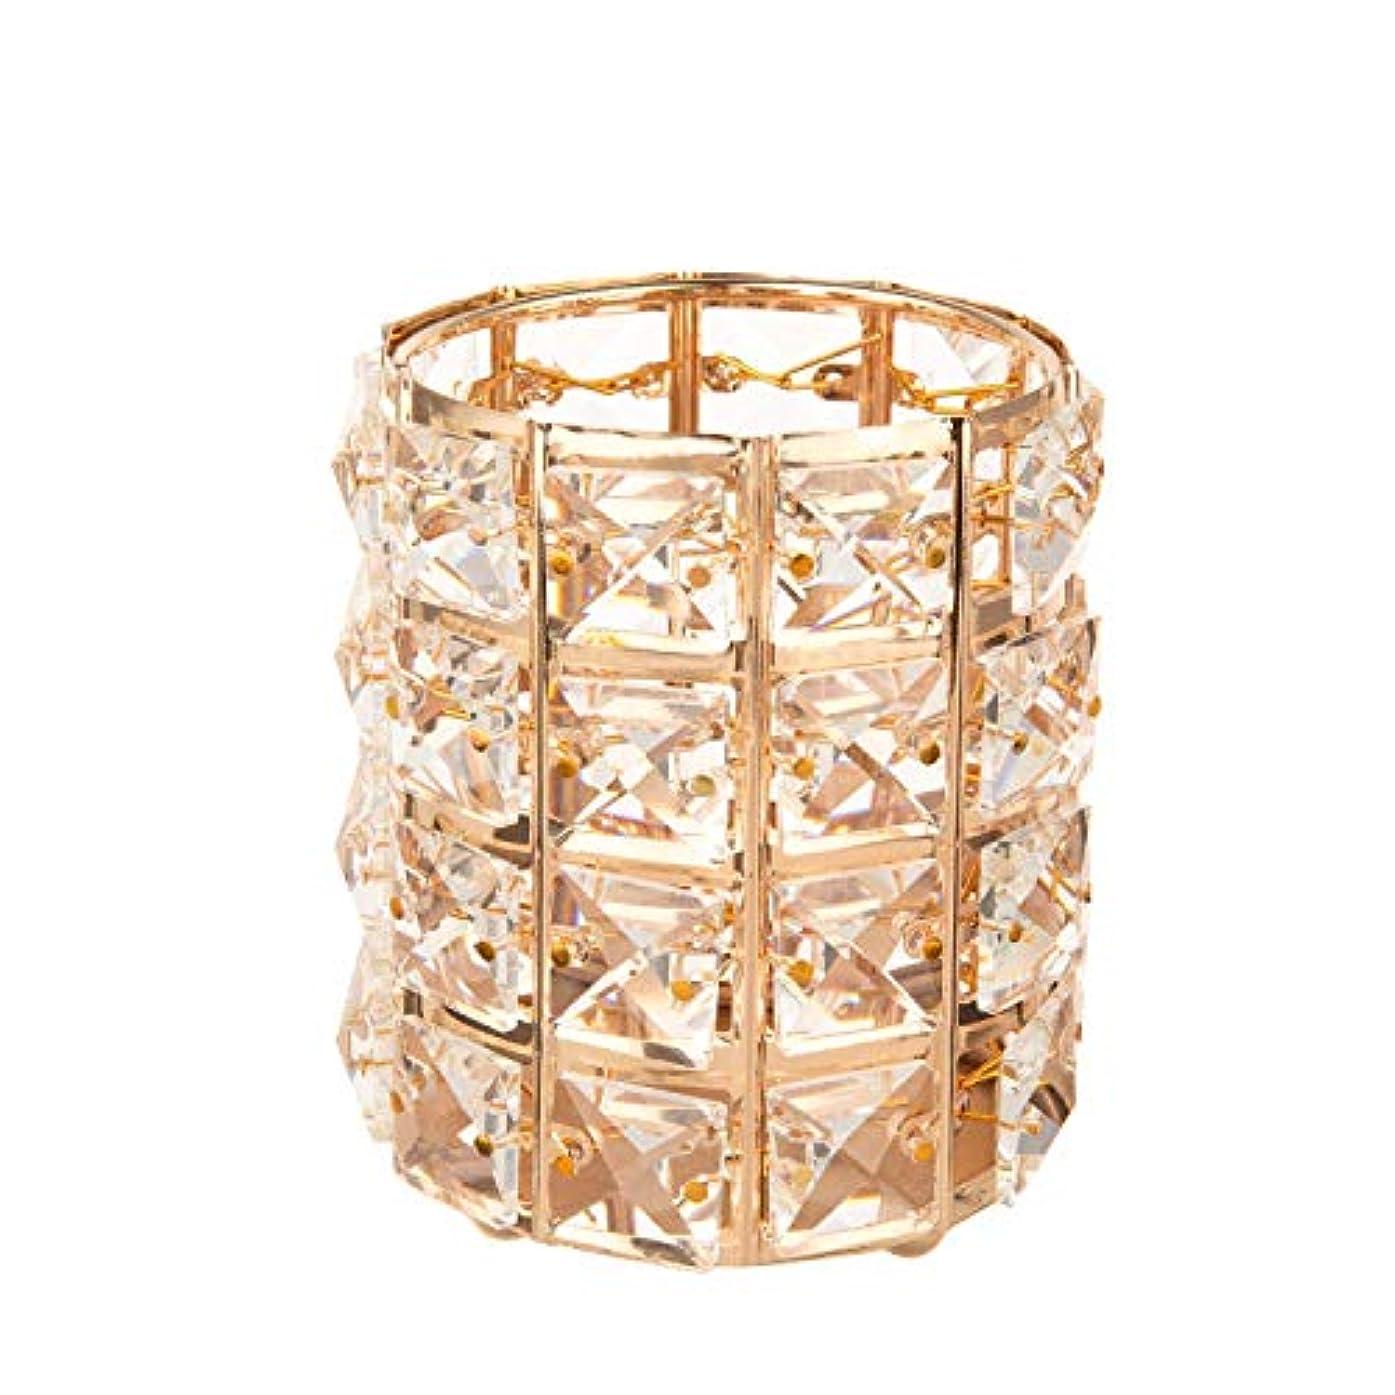 公爵に渡って脇にFeyarl メイクブラシケース ブラシスタンド クリスタルブラシホルダー 化粧ブラシホルダー 円筒型 ペン立て ゴールド